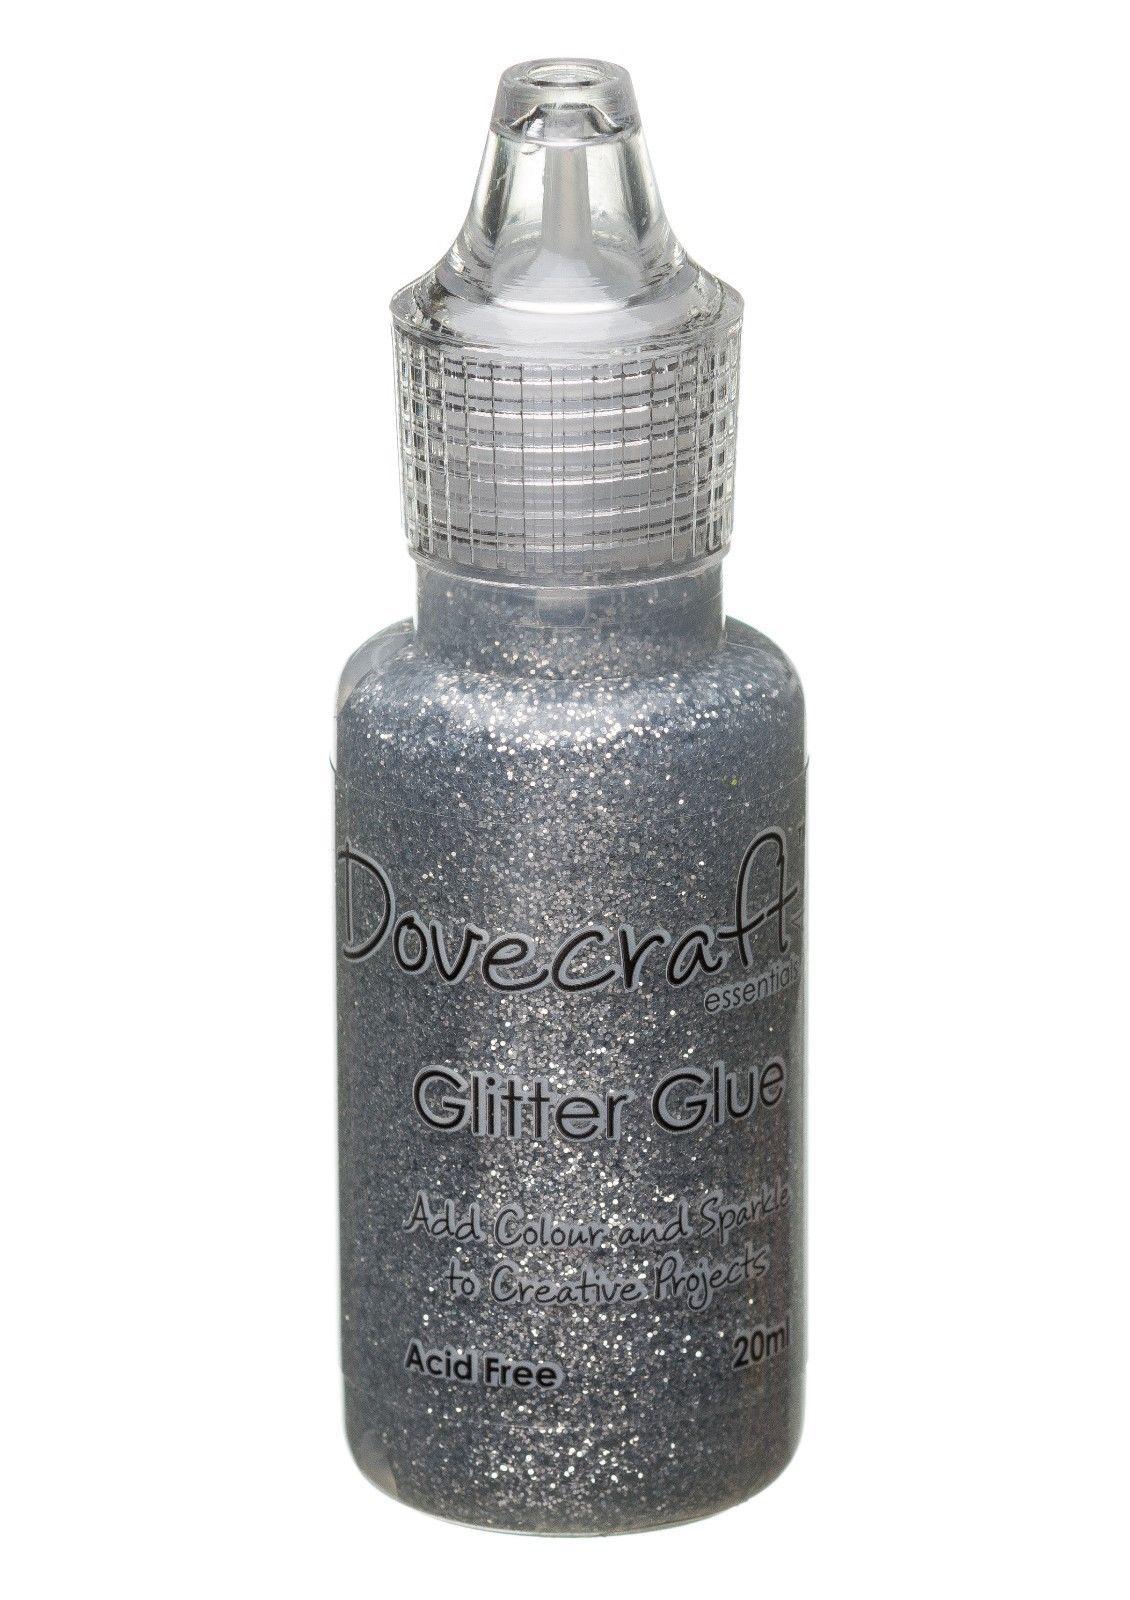 Dovecraft Glitter Glue 20ml - Silver